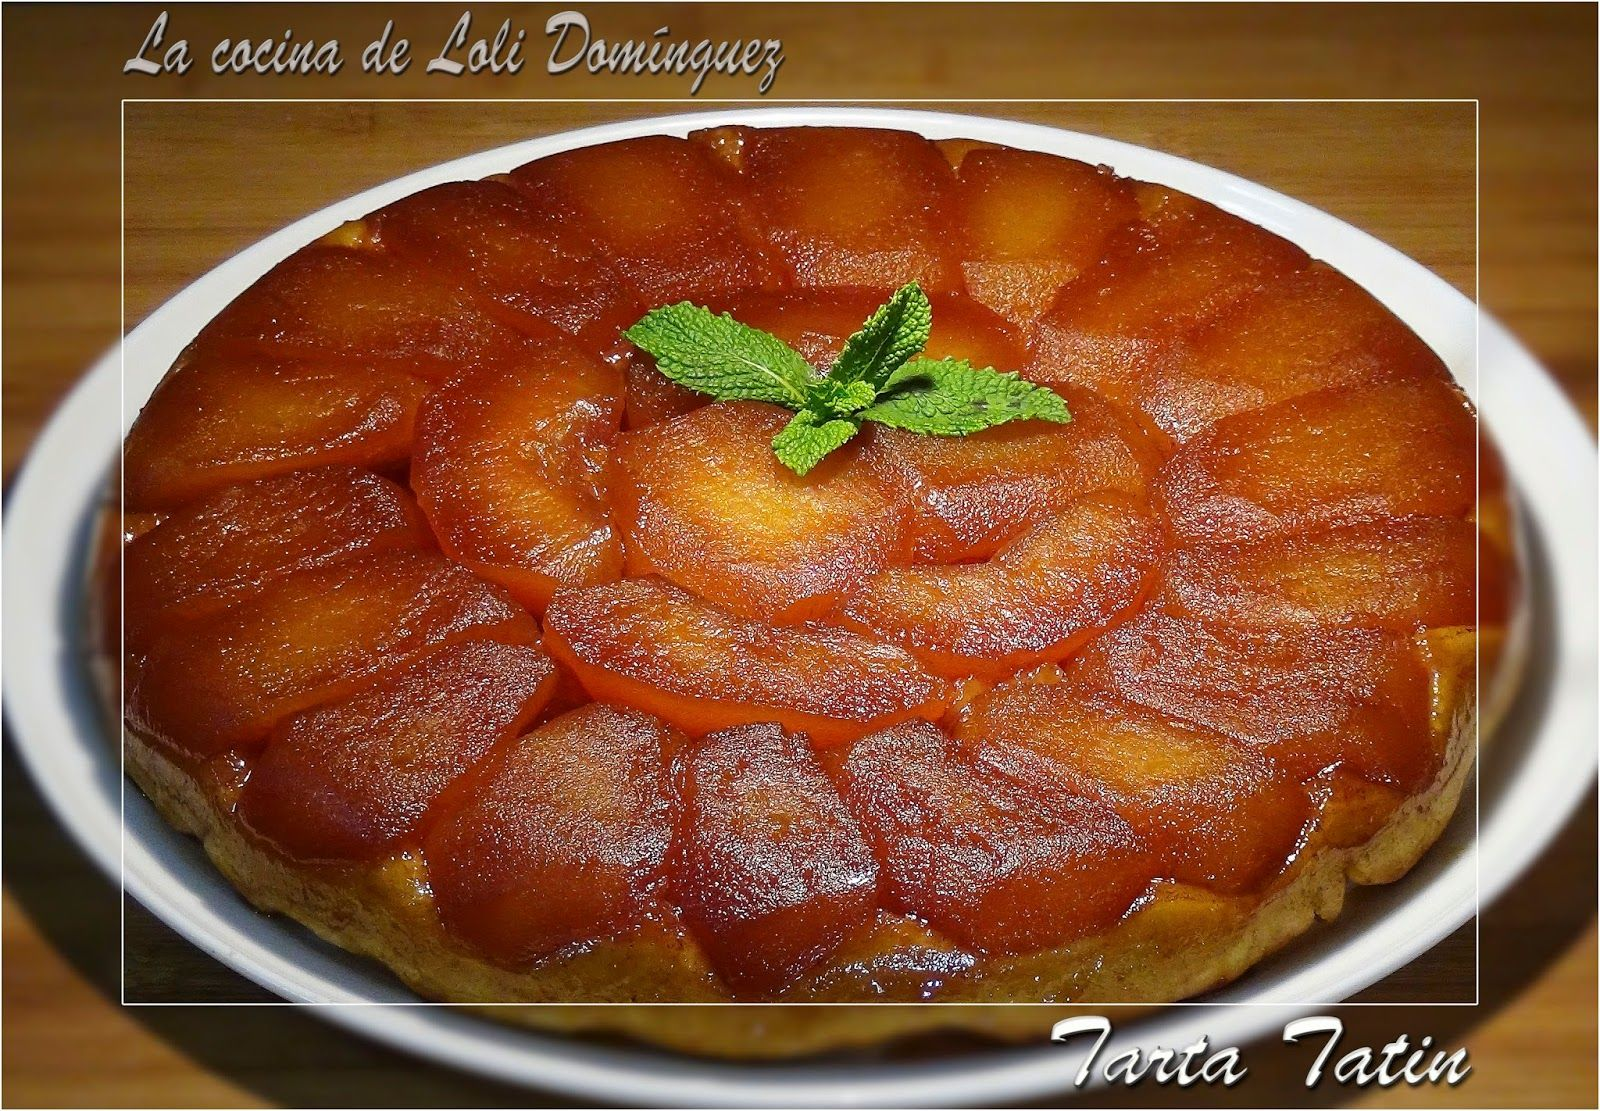 Tarta tatin recetas cocina recetas faciles for Cocina francesa gourmet